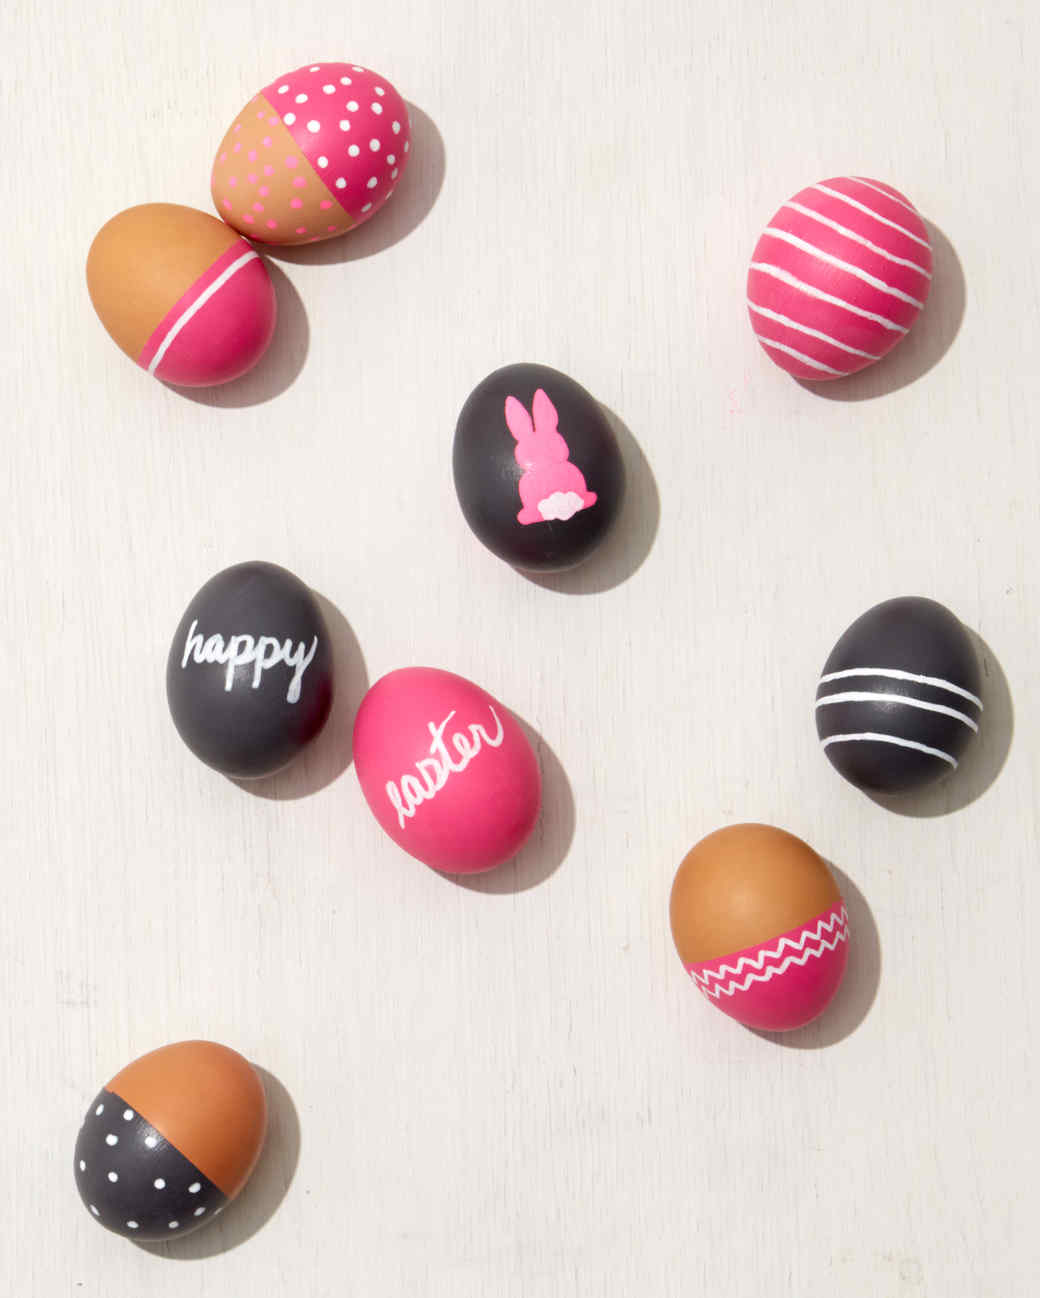 chalkboard-eggs-beauty-2931-d112789-0116.jpg